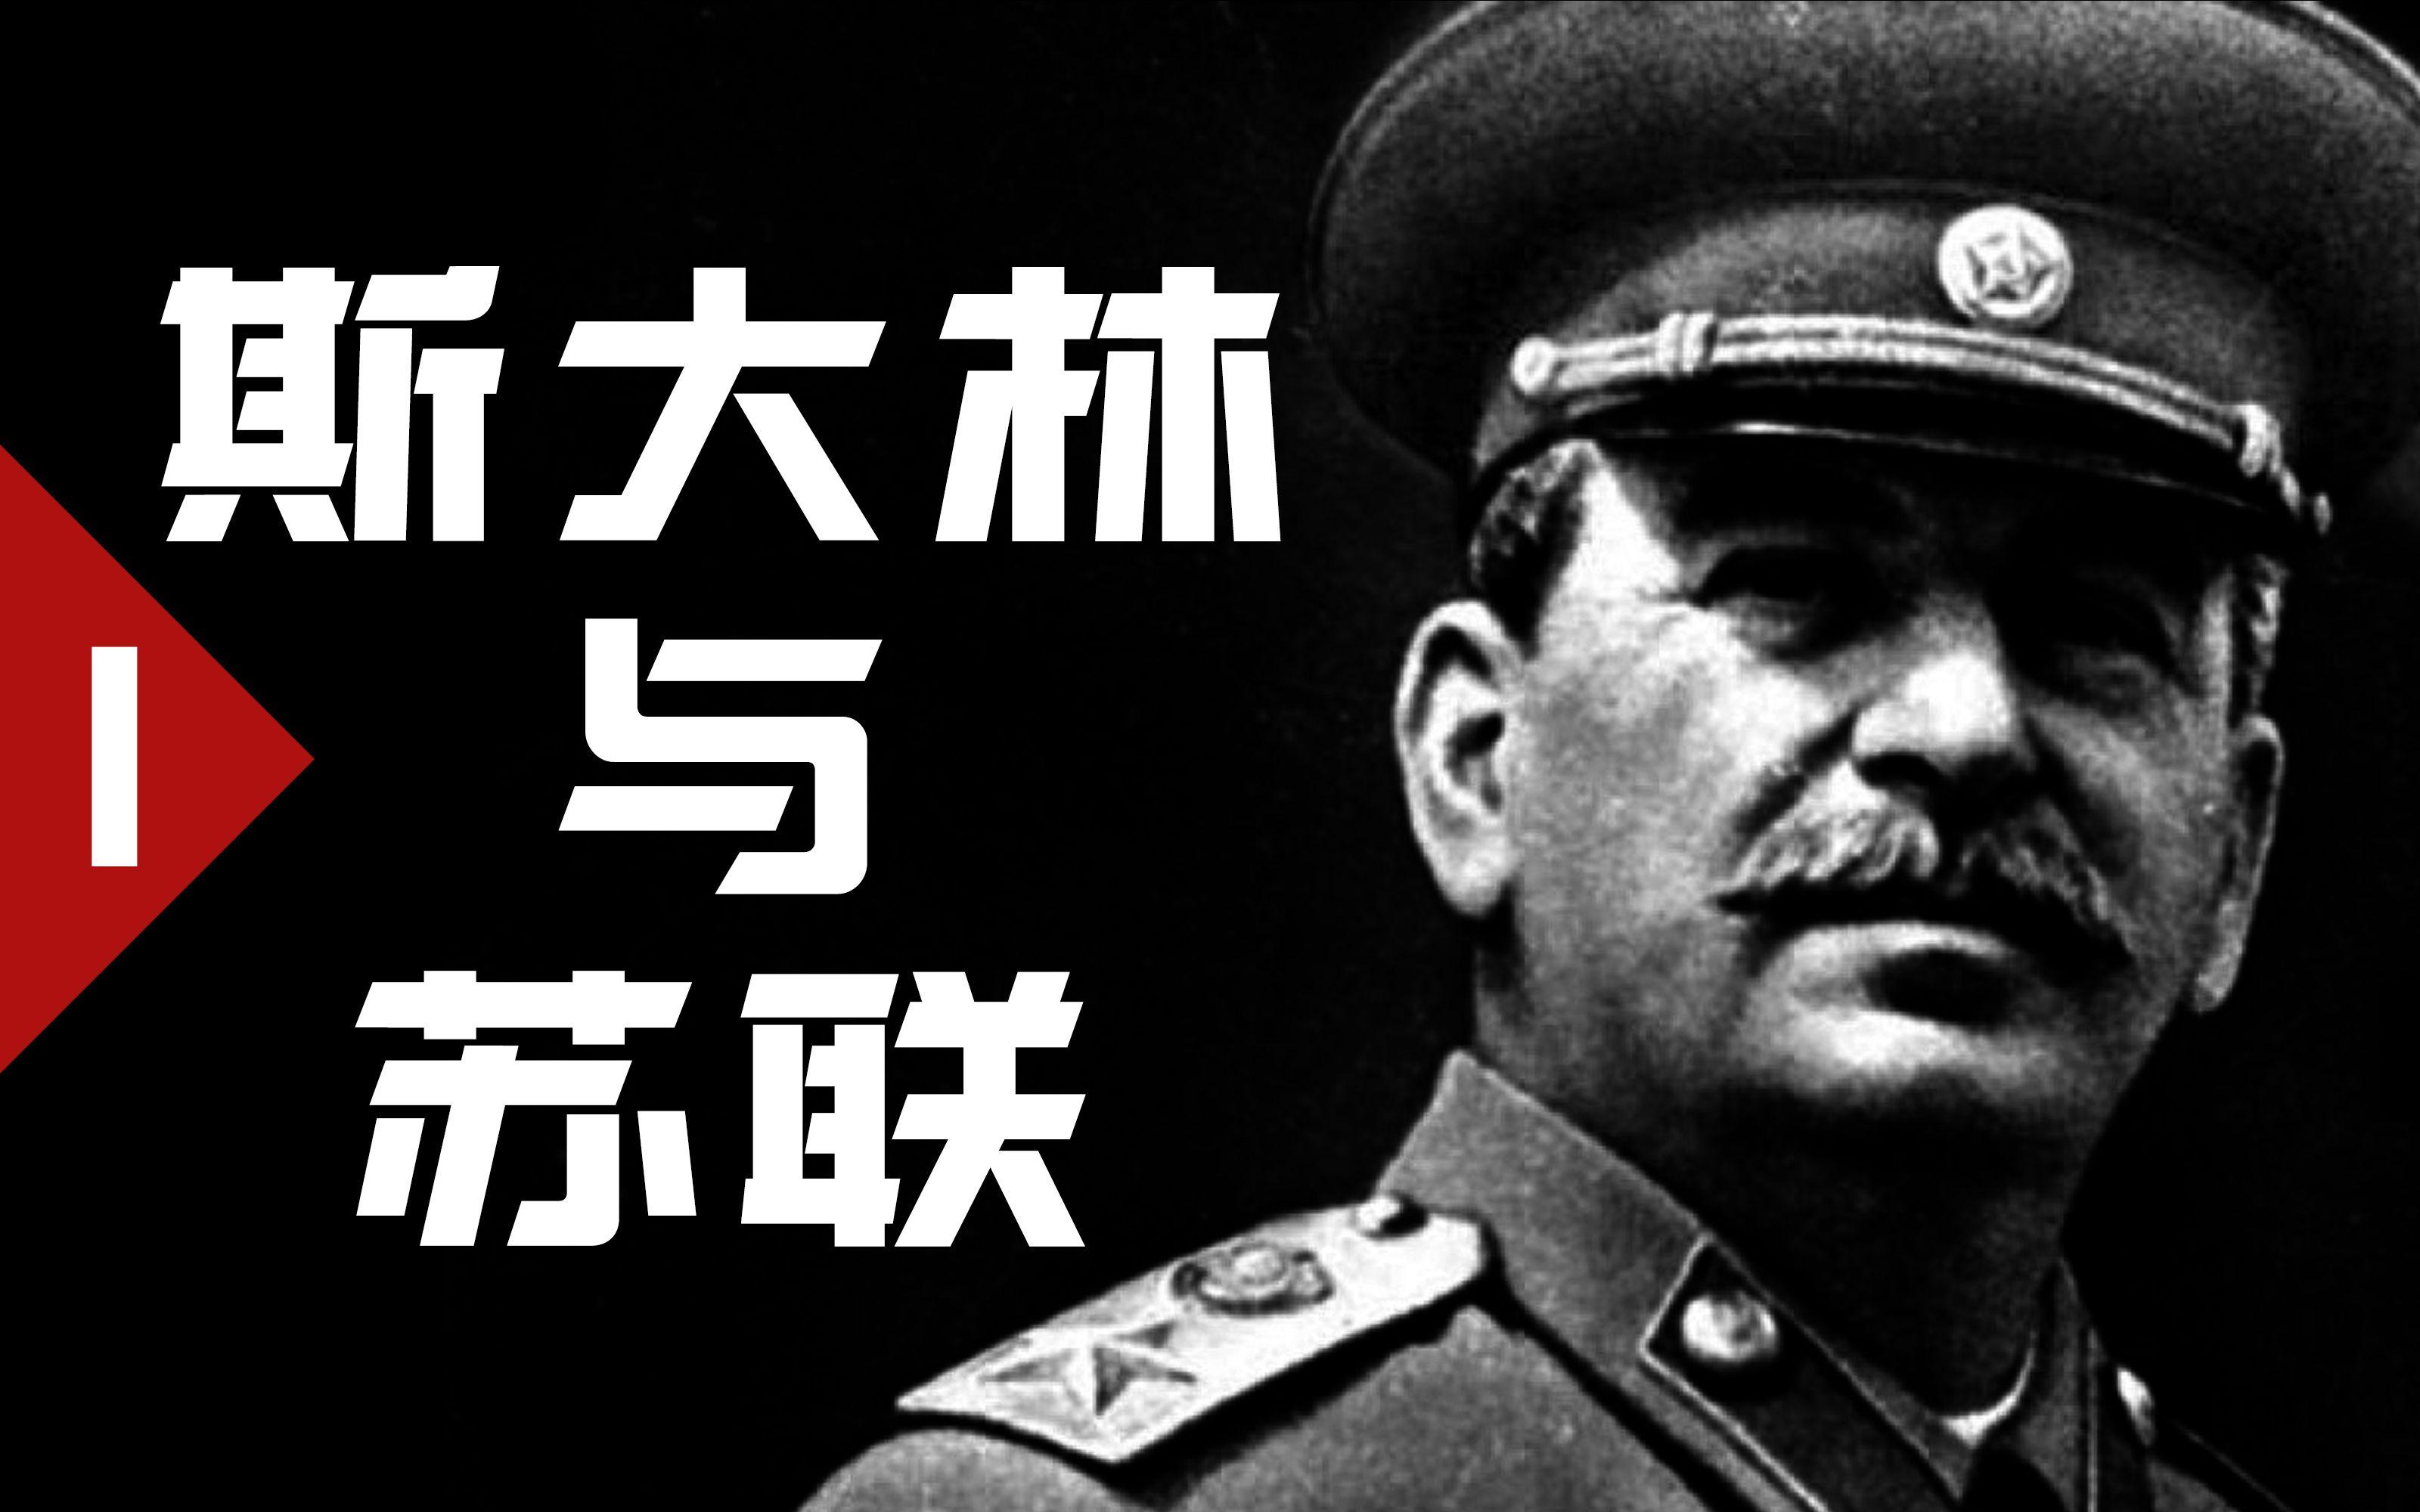 慈父、领袖、钢铁之人, 斯大林与苏联的崛起(上)【历史调研室13】